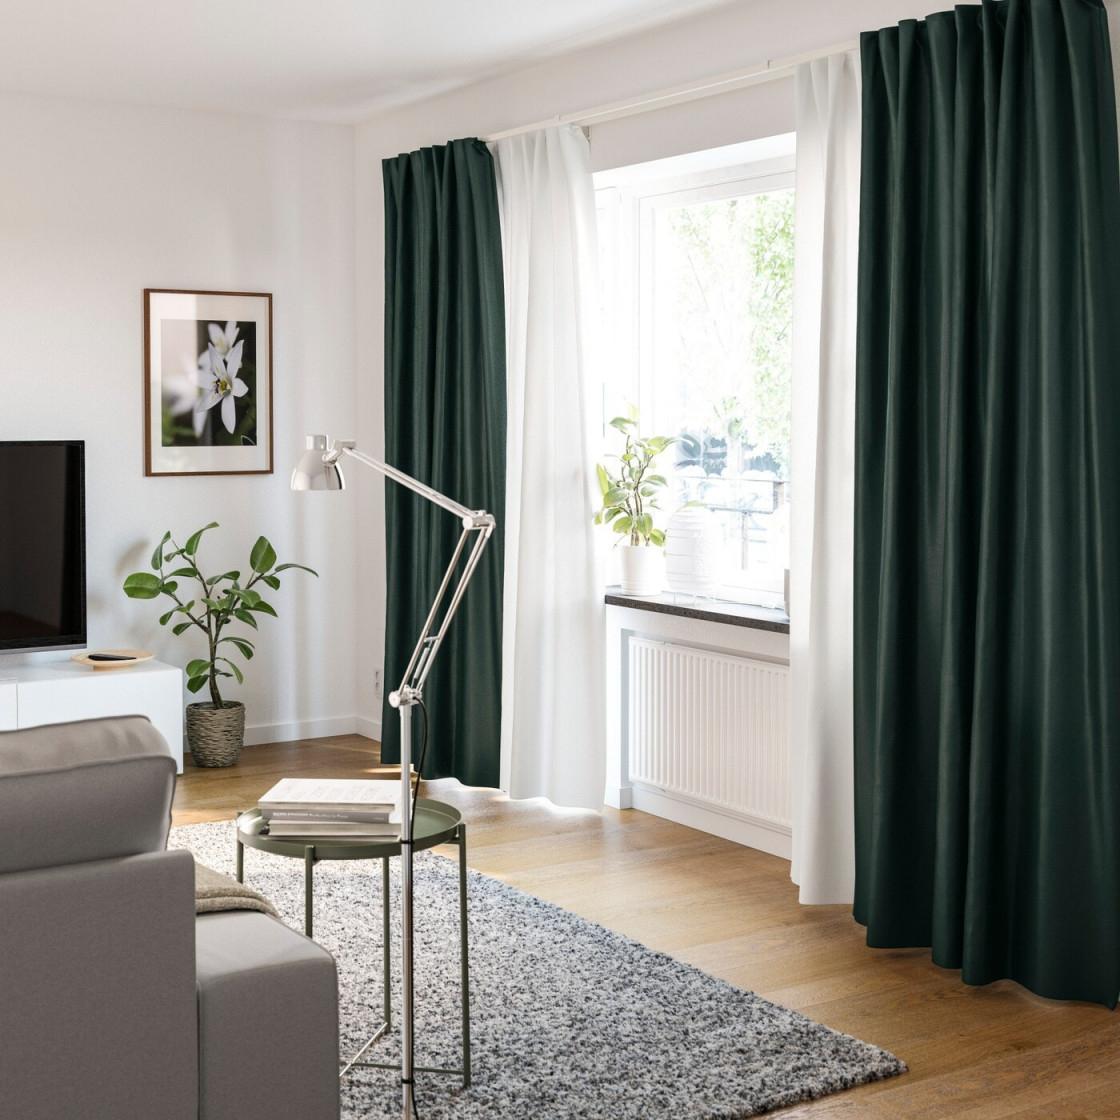 Gardinenideen Inspirationen Für Dein Zuhause  Ikea von Wohnzimmer Fensterfront Gardinen Photo